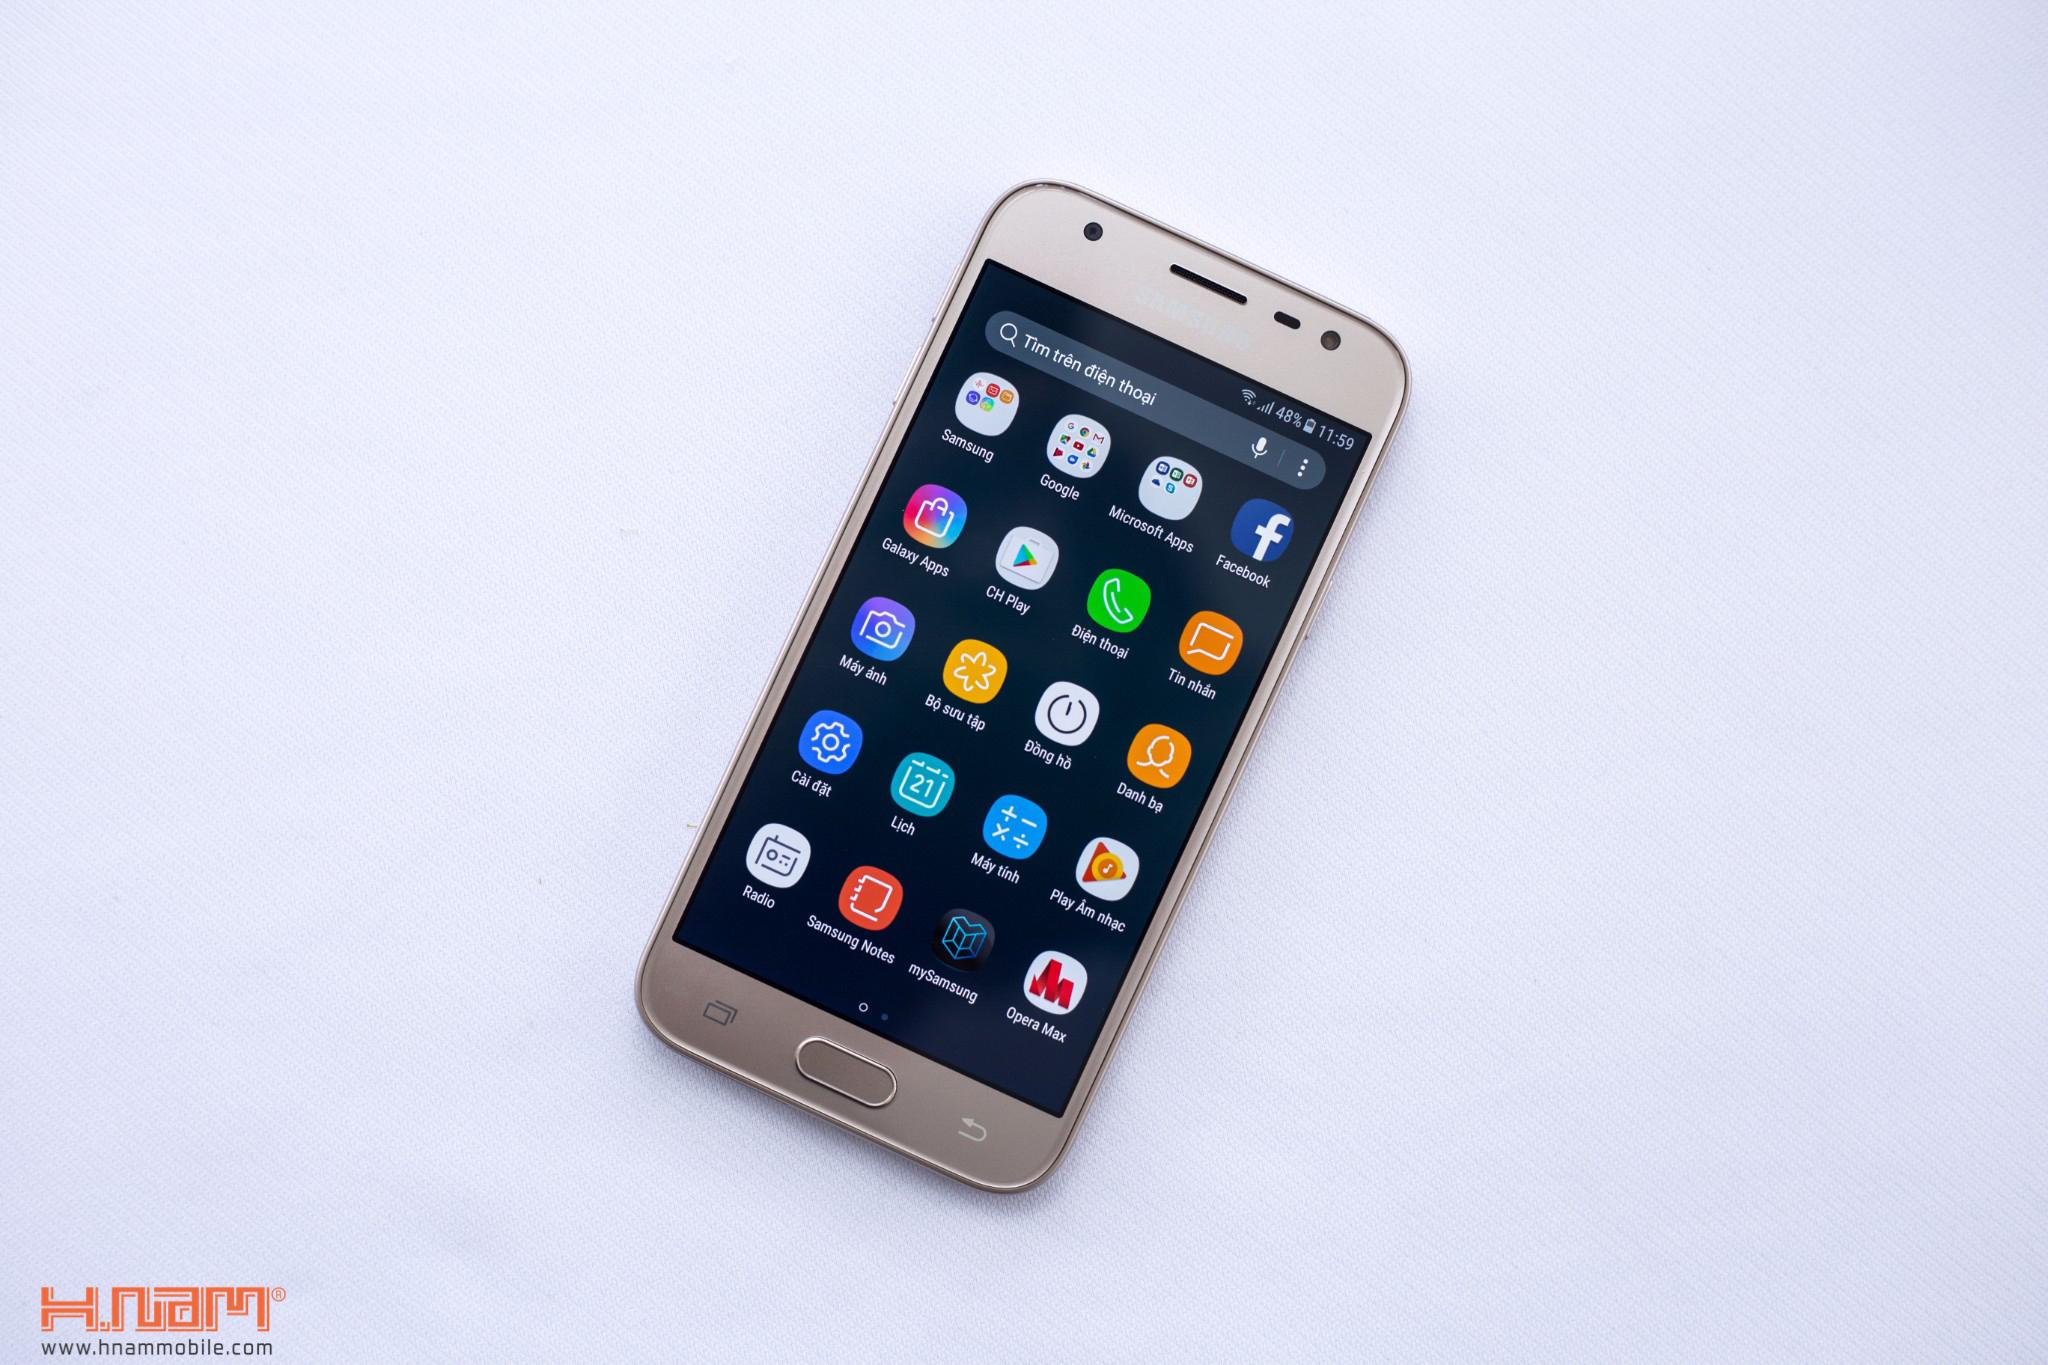 Đập hộp Samsung Galaxy J3 Pro: giá hơn 4 triệu đồng, camera F/1.9 hình 13